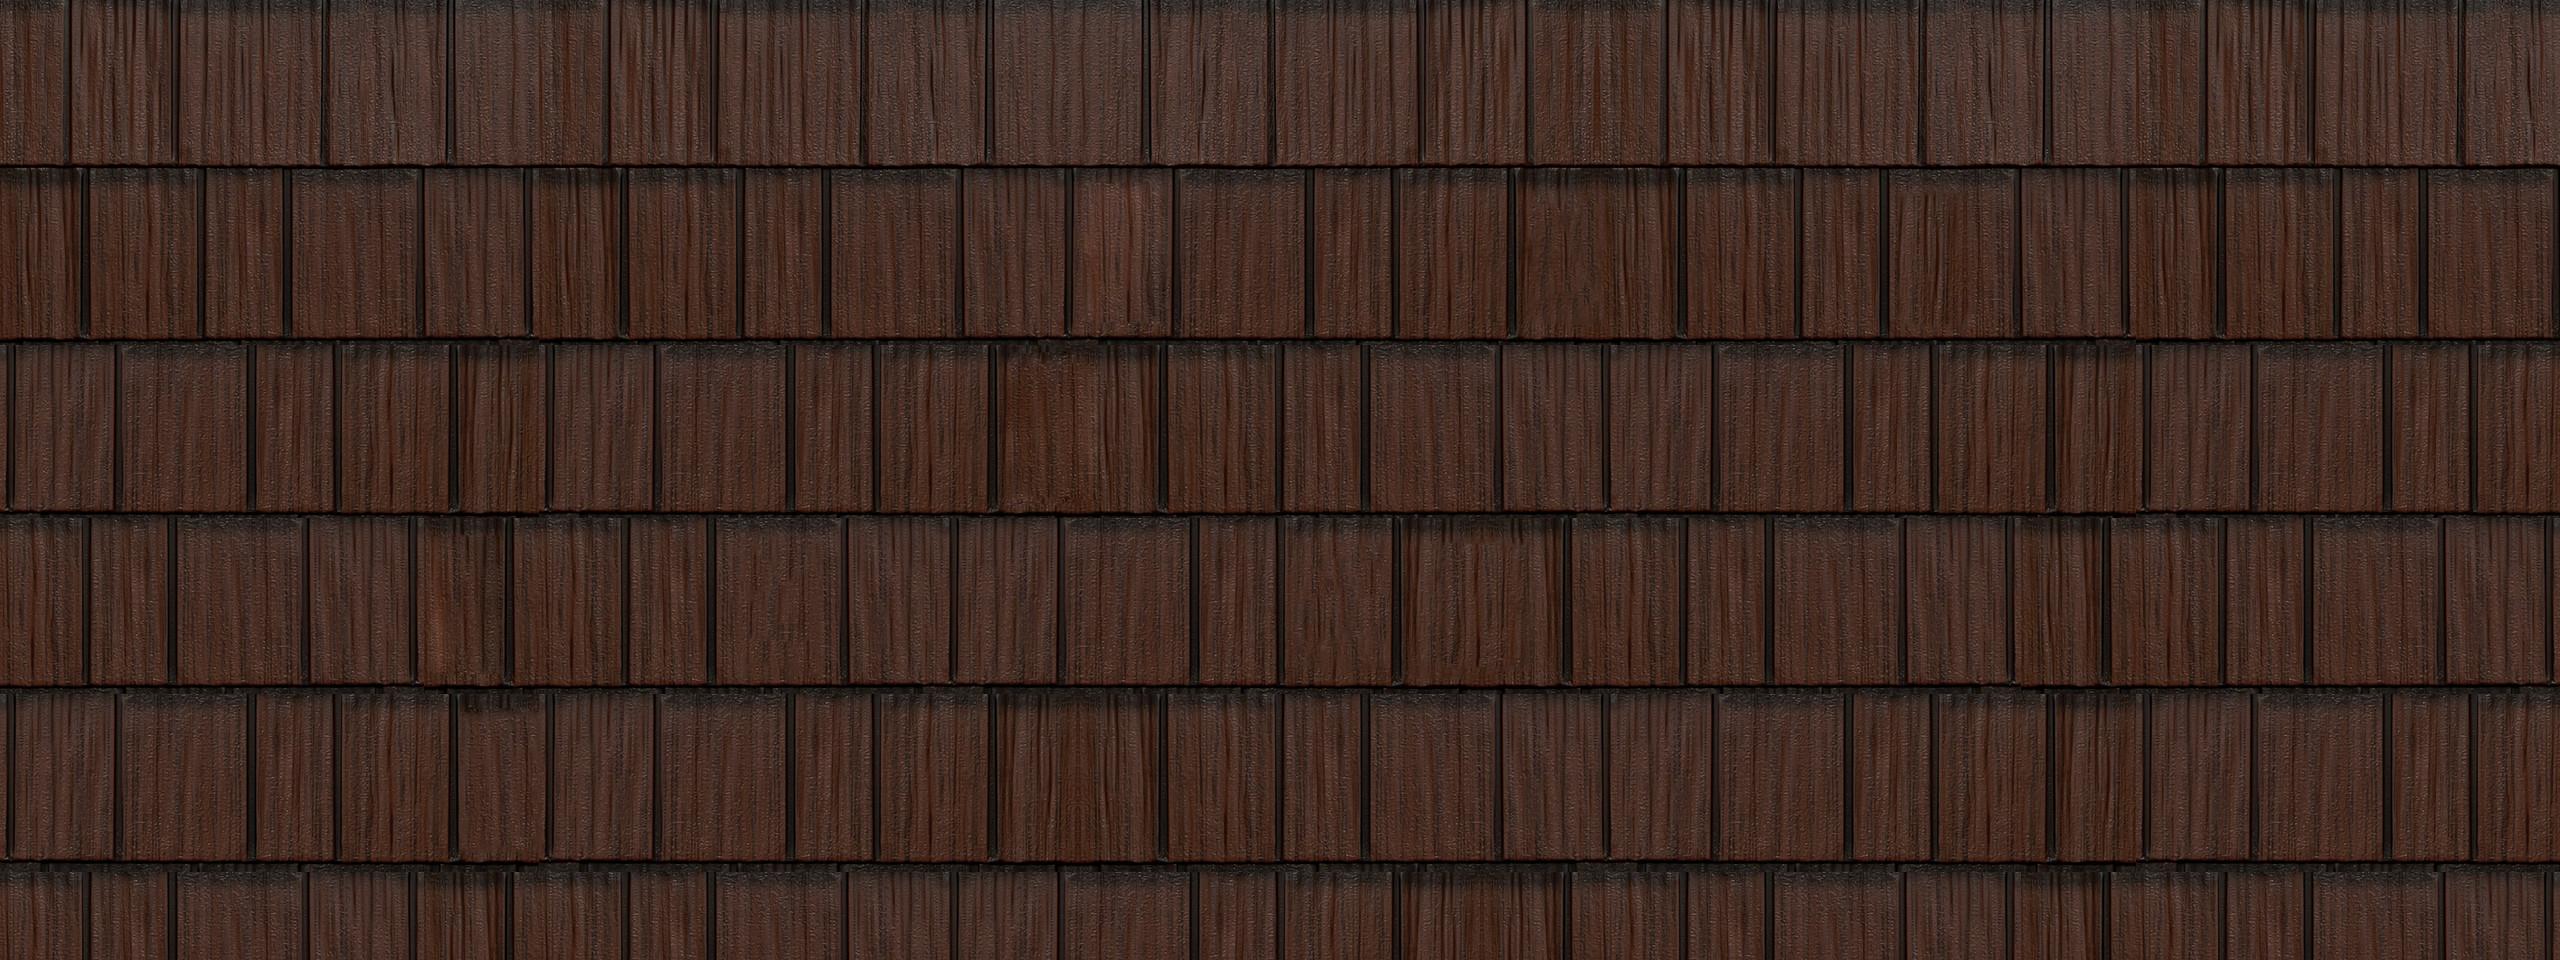 Royal brown generations hd shake steel roofing